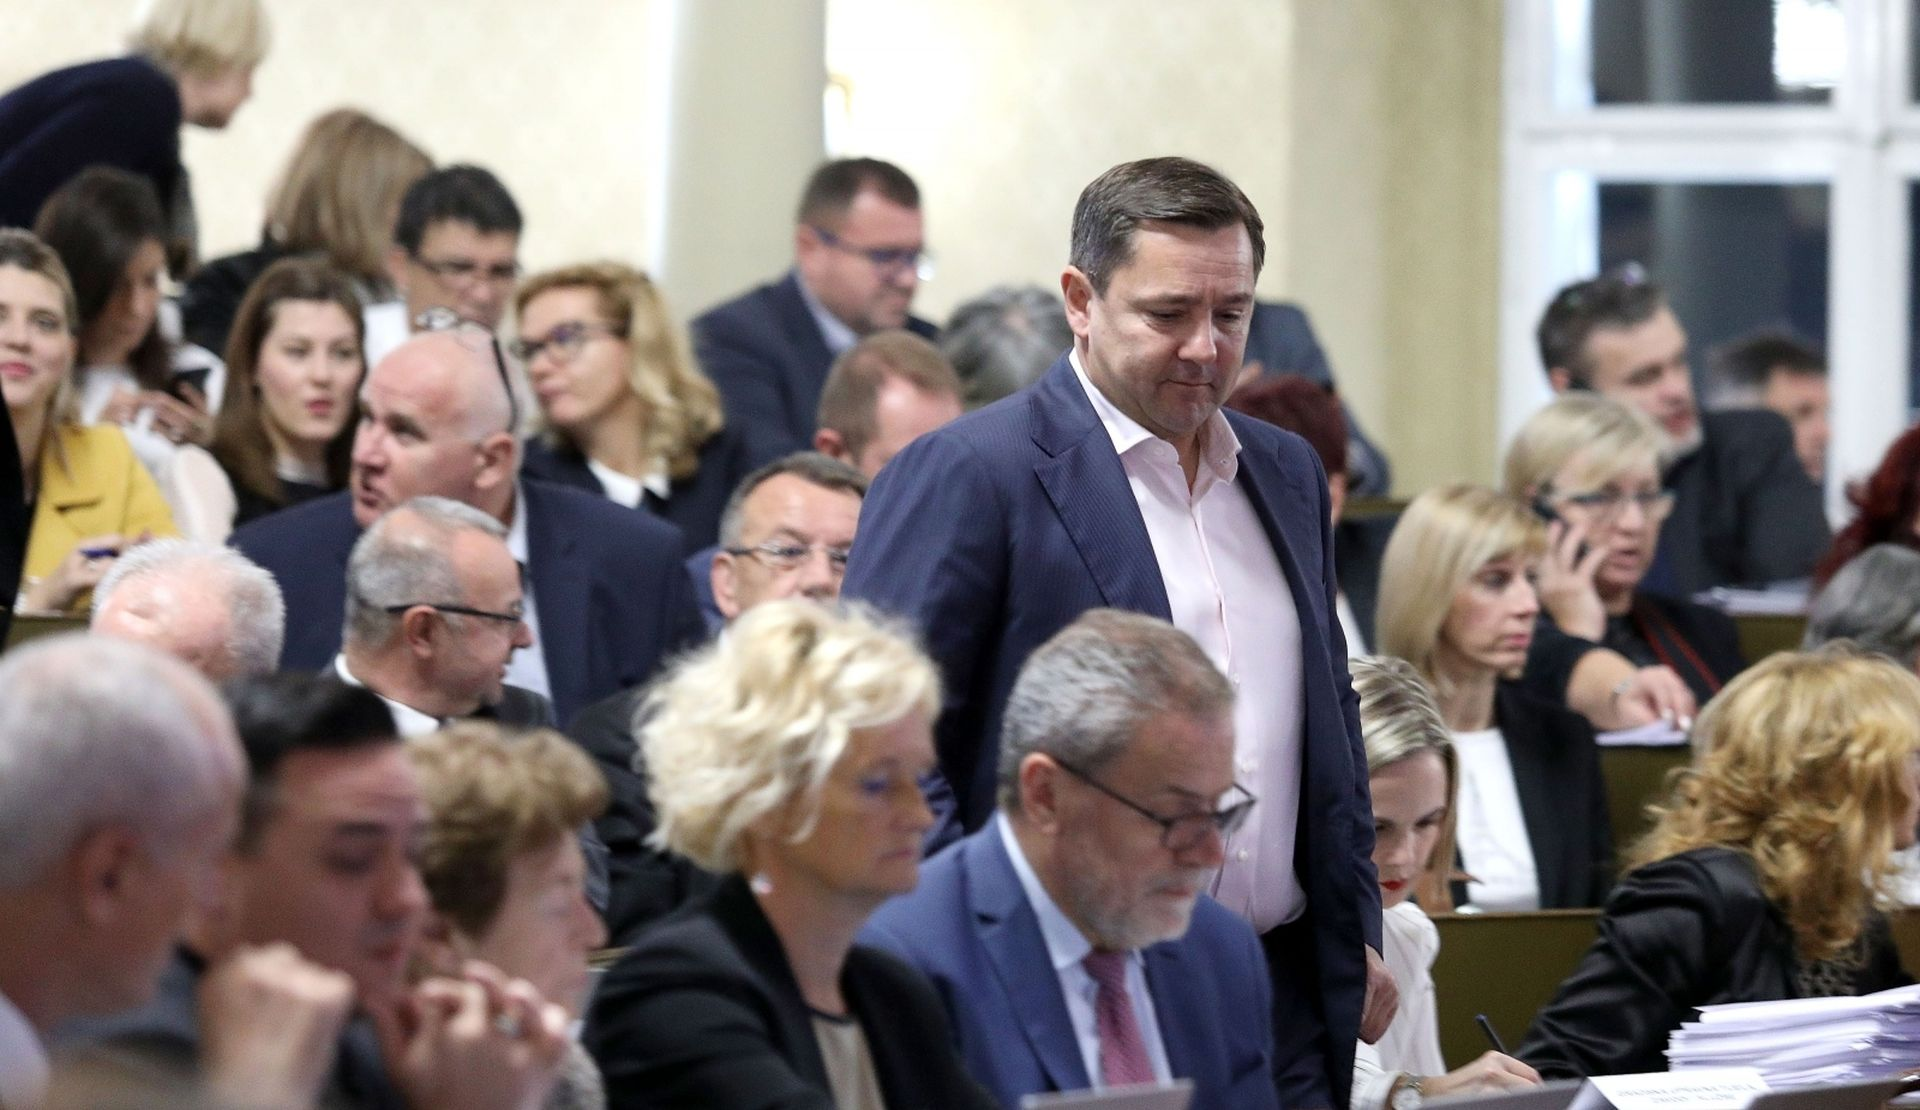 Sjednica zagrebačke Gradske skupštine počela stankama oporbe